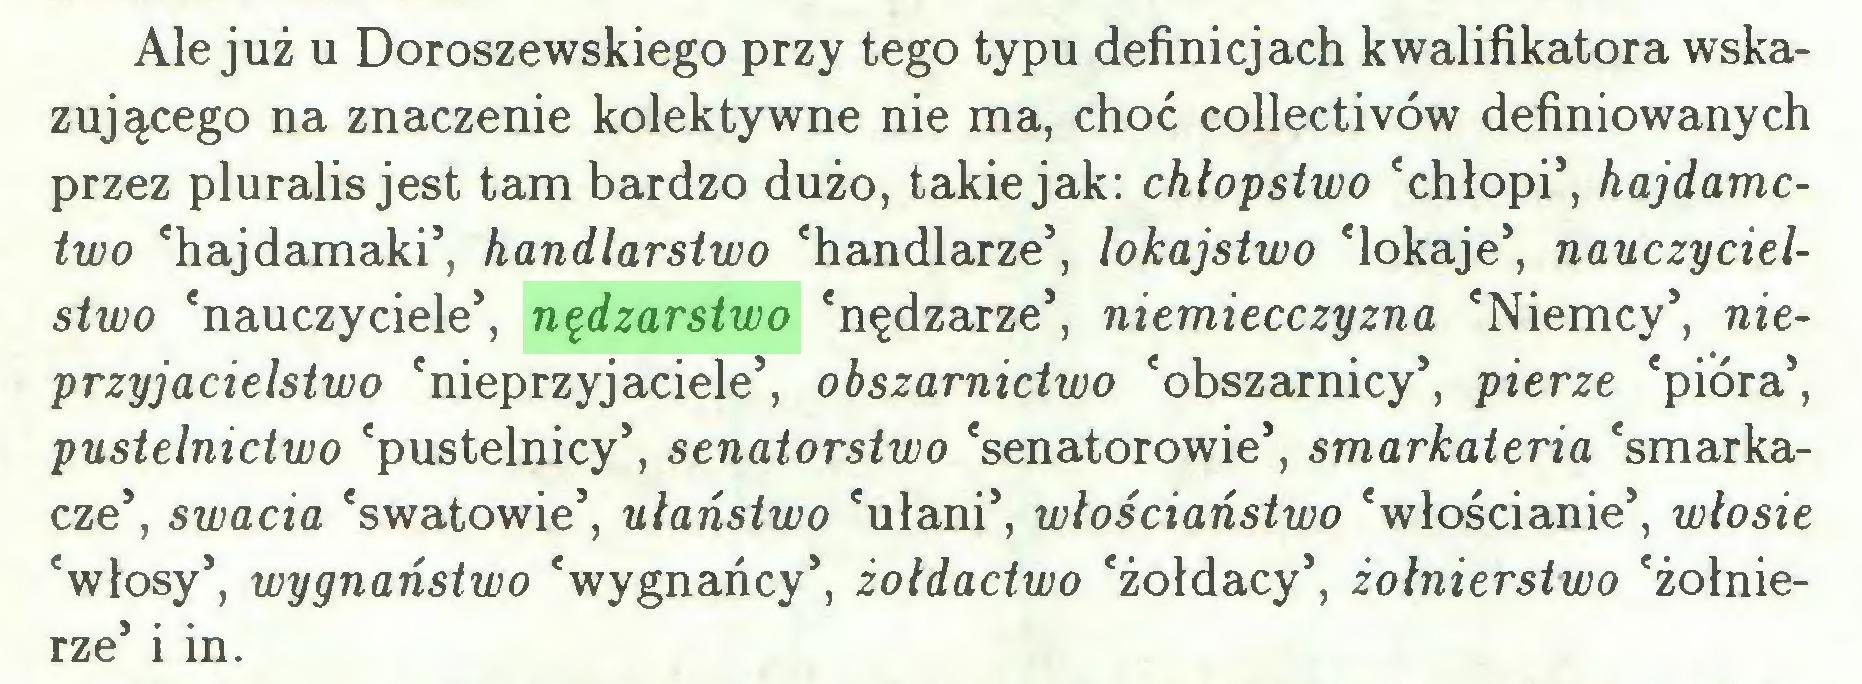 (...) Ale już u Doroszewskiego przy tego typu definicjach kwalifikatora wskazującego na znaczenie kolektywne nie ma, choć collectivów definiowanych przez pluralis jest tam bardzo dużo, takie jak: chłopstwo 'chłopi5, hajdamctwo 'hajdamaki5, handlarstwo 'handlarze5, lokajstwo 'lokaje5, nauczycielstwo 'nauczyciele5, nędzarstwo 'nędzarze5, niemiecczyzna 'Niemcy5, nieprzyjacielstwo 'nieprzyjaciele5, obszarnictwo 'obszarnicy5, pierze 'pióra5, pustelnictwo 'pustelnicy5, senatorstwo 'senatorowie5, smarkateria 'smarkacze5, swada 'swatowie5, ułaństwo 'ułani5, włościaństwo 'włościanie5, włosie 'włosy5, wygnaństwo 'wygnańcy5, żołdactwo 'żołdacy5, żołnierstwo 'żołnierze5 i in...